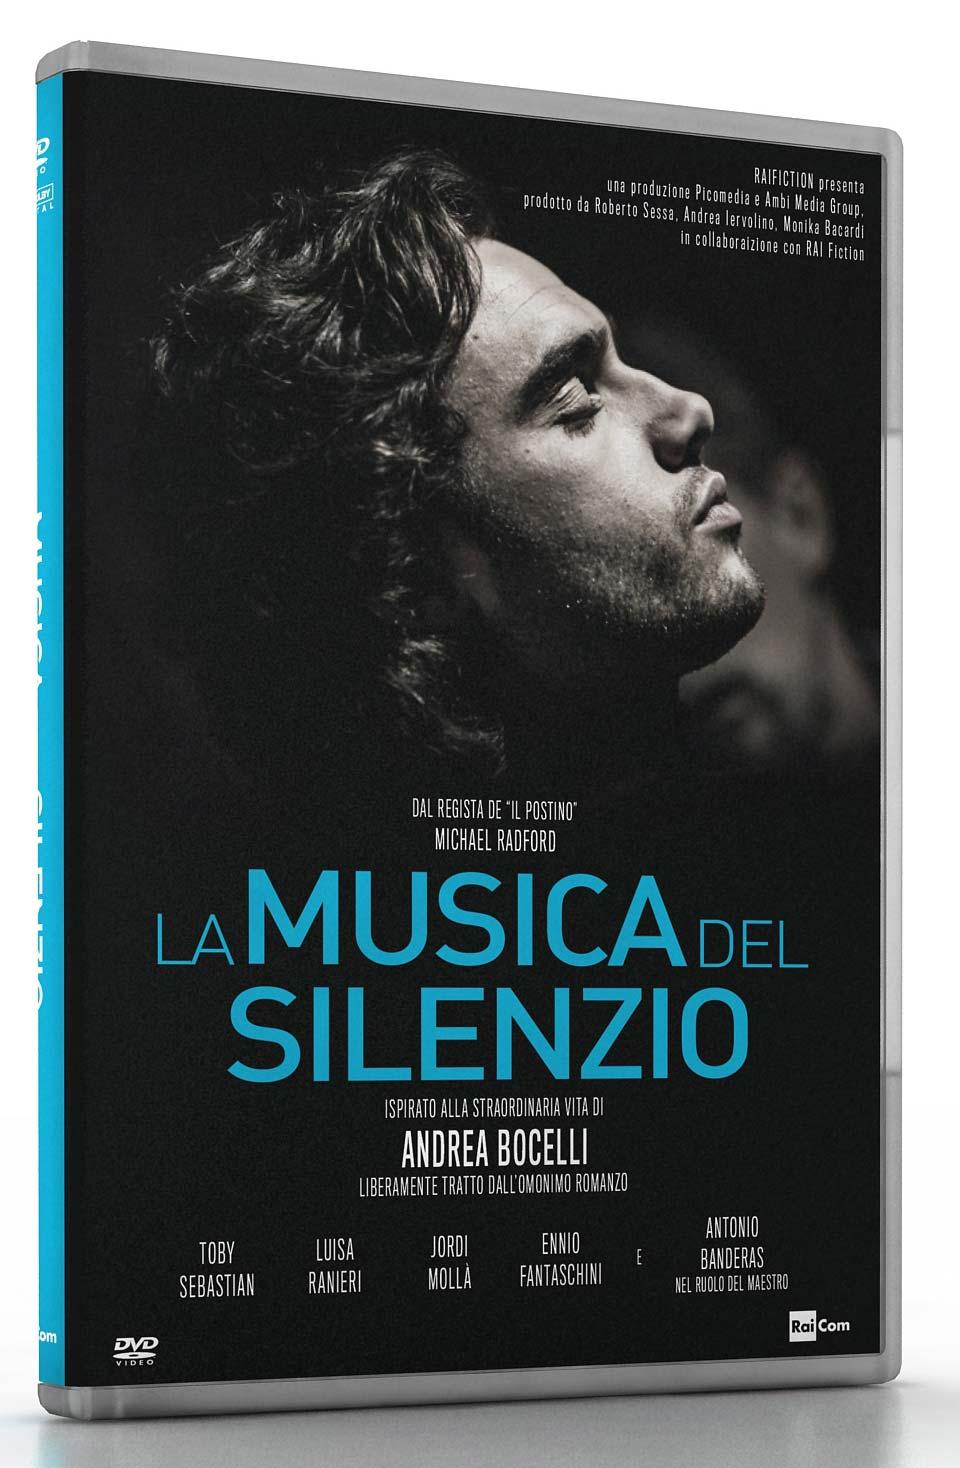 LA MUSICA DEL SILENZIO (DVD)